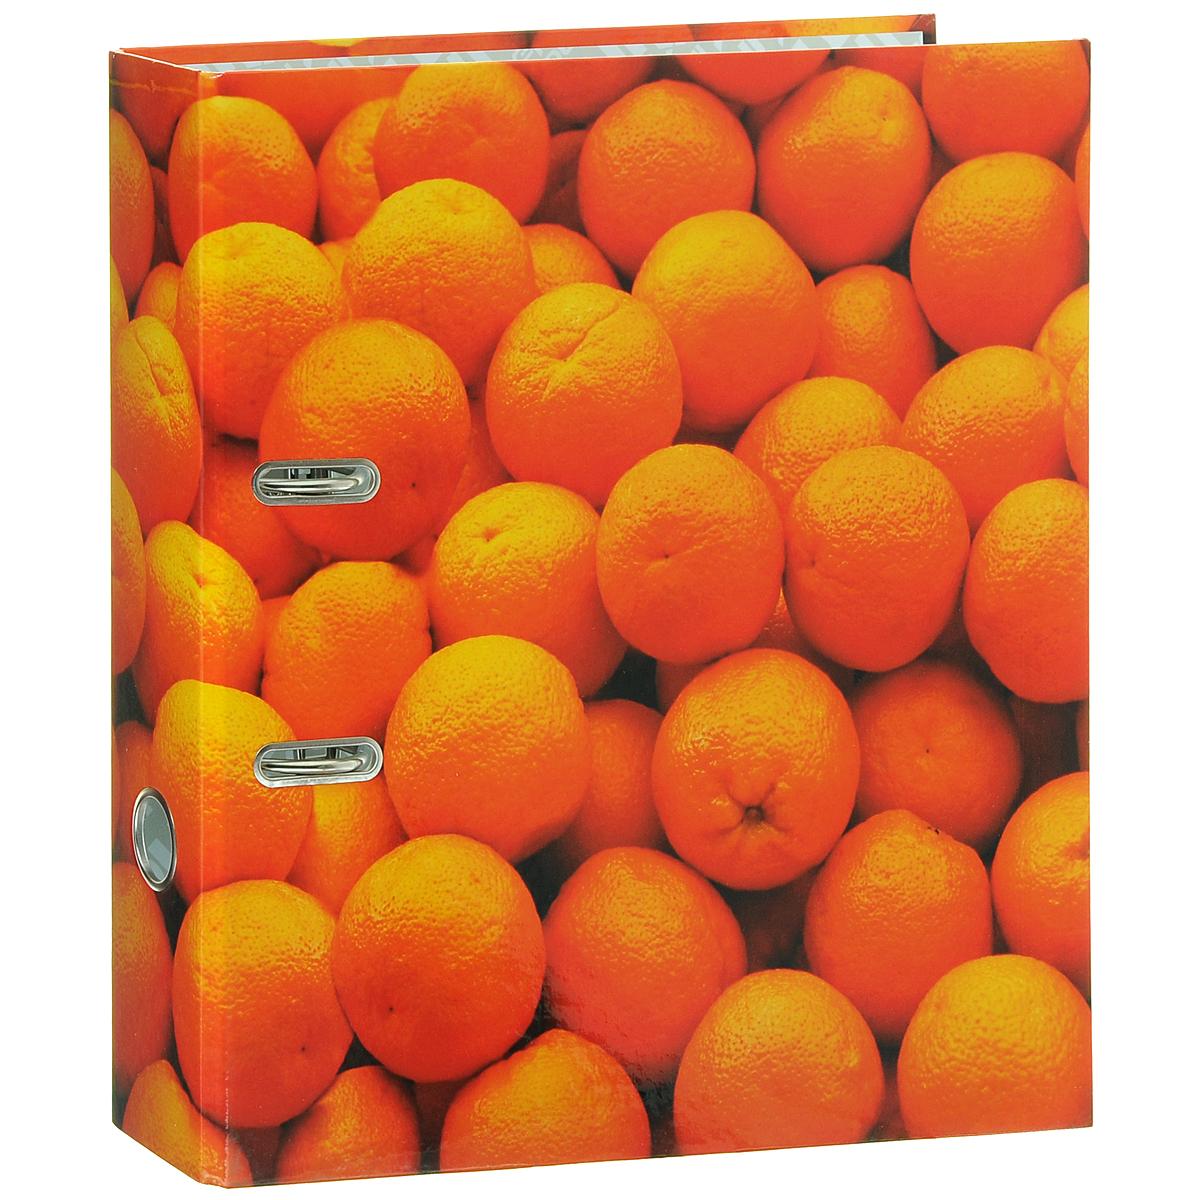 Папка-регистратор Index Апельсин, ширина корешка 80 мм, цвет: оранжевыйAC-1121RDПапка-регистратор Index Апельсин незаменима для работы с большими объемами бумаг дома и в офисе. Папка изготовлена из износостойкого высококачественного картона толщиной 2 мм, имеет ламинацию как снаружи, так и внутри. Папка оснащена прочным металлическим арочным механизмом, обеспечивающим надежную фиксацию перфорированных бумаг и документов формата А4. Для папки используется фурнитура только европейского производства. На торце папки расположено металлическое кольцо для удобства использования. Обложка папки оформлена красочным изображением спелых апельсинов.Папка-регистратор станет вашим надежным помощником, она упростит работу с бумагами и документами и защитит их от повреждения, пыли и влаги.